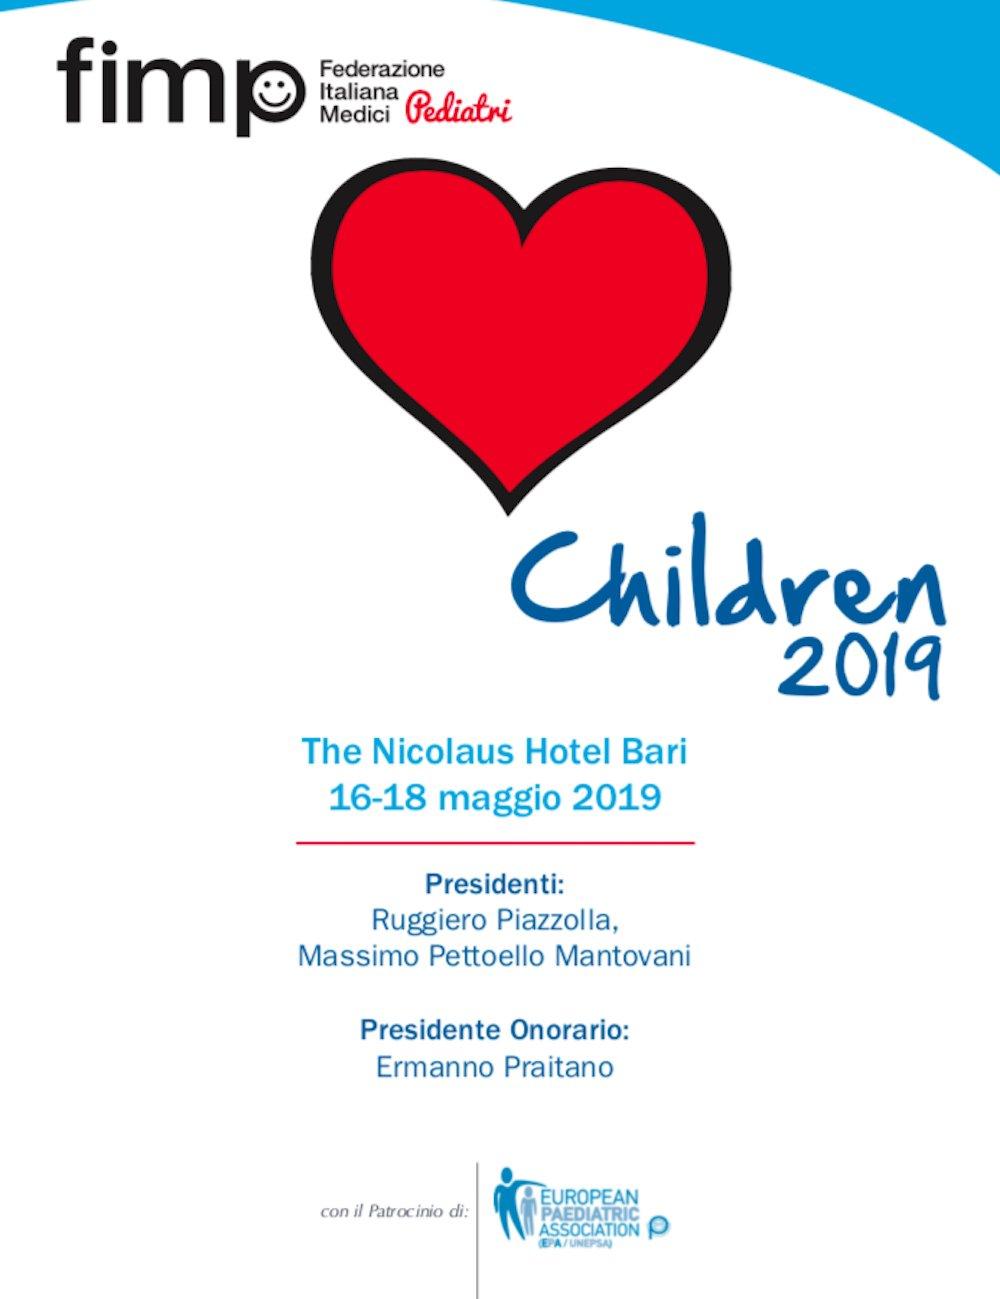 bambini 2019 immagine del congresso di bari